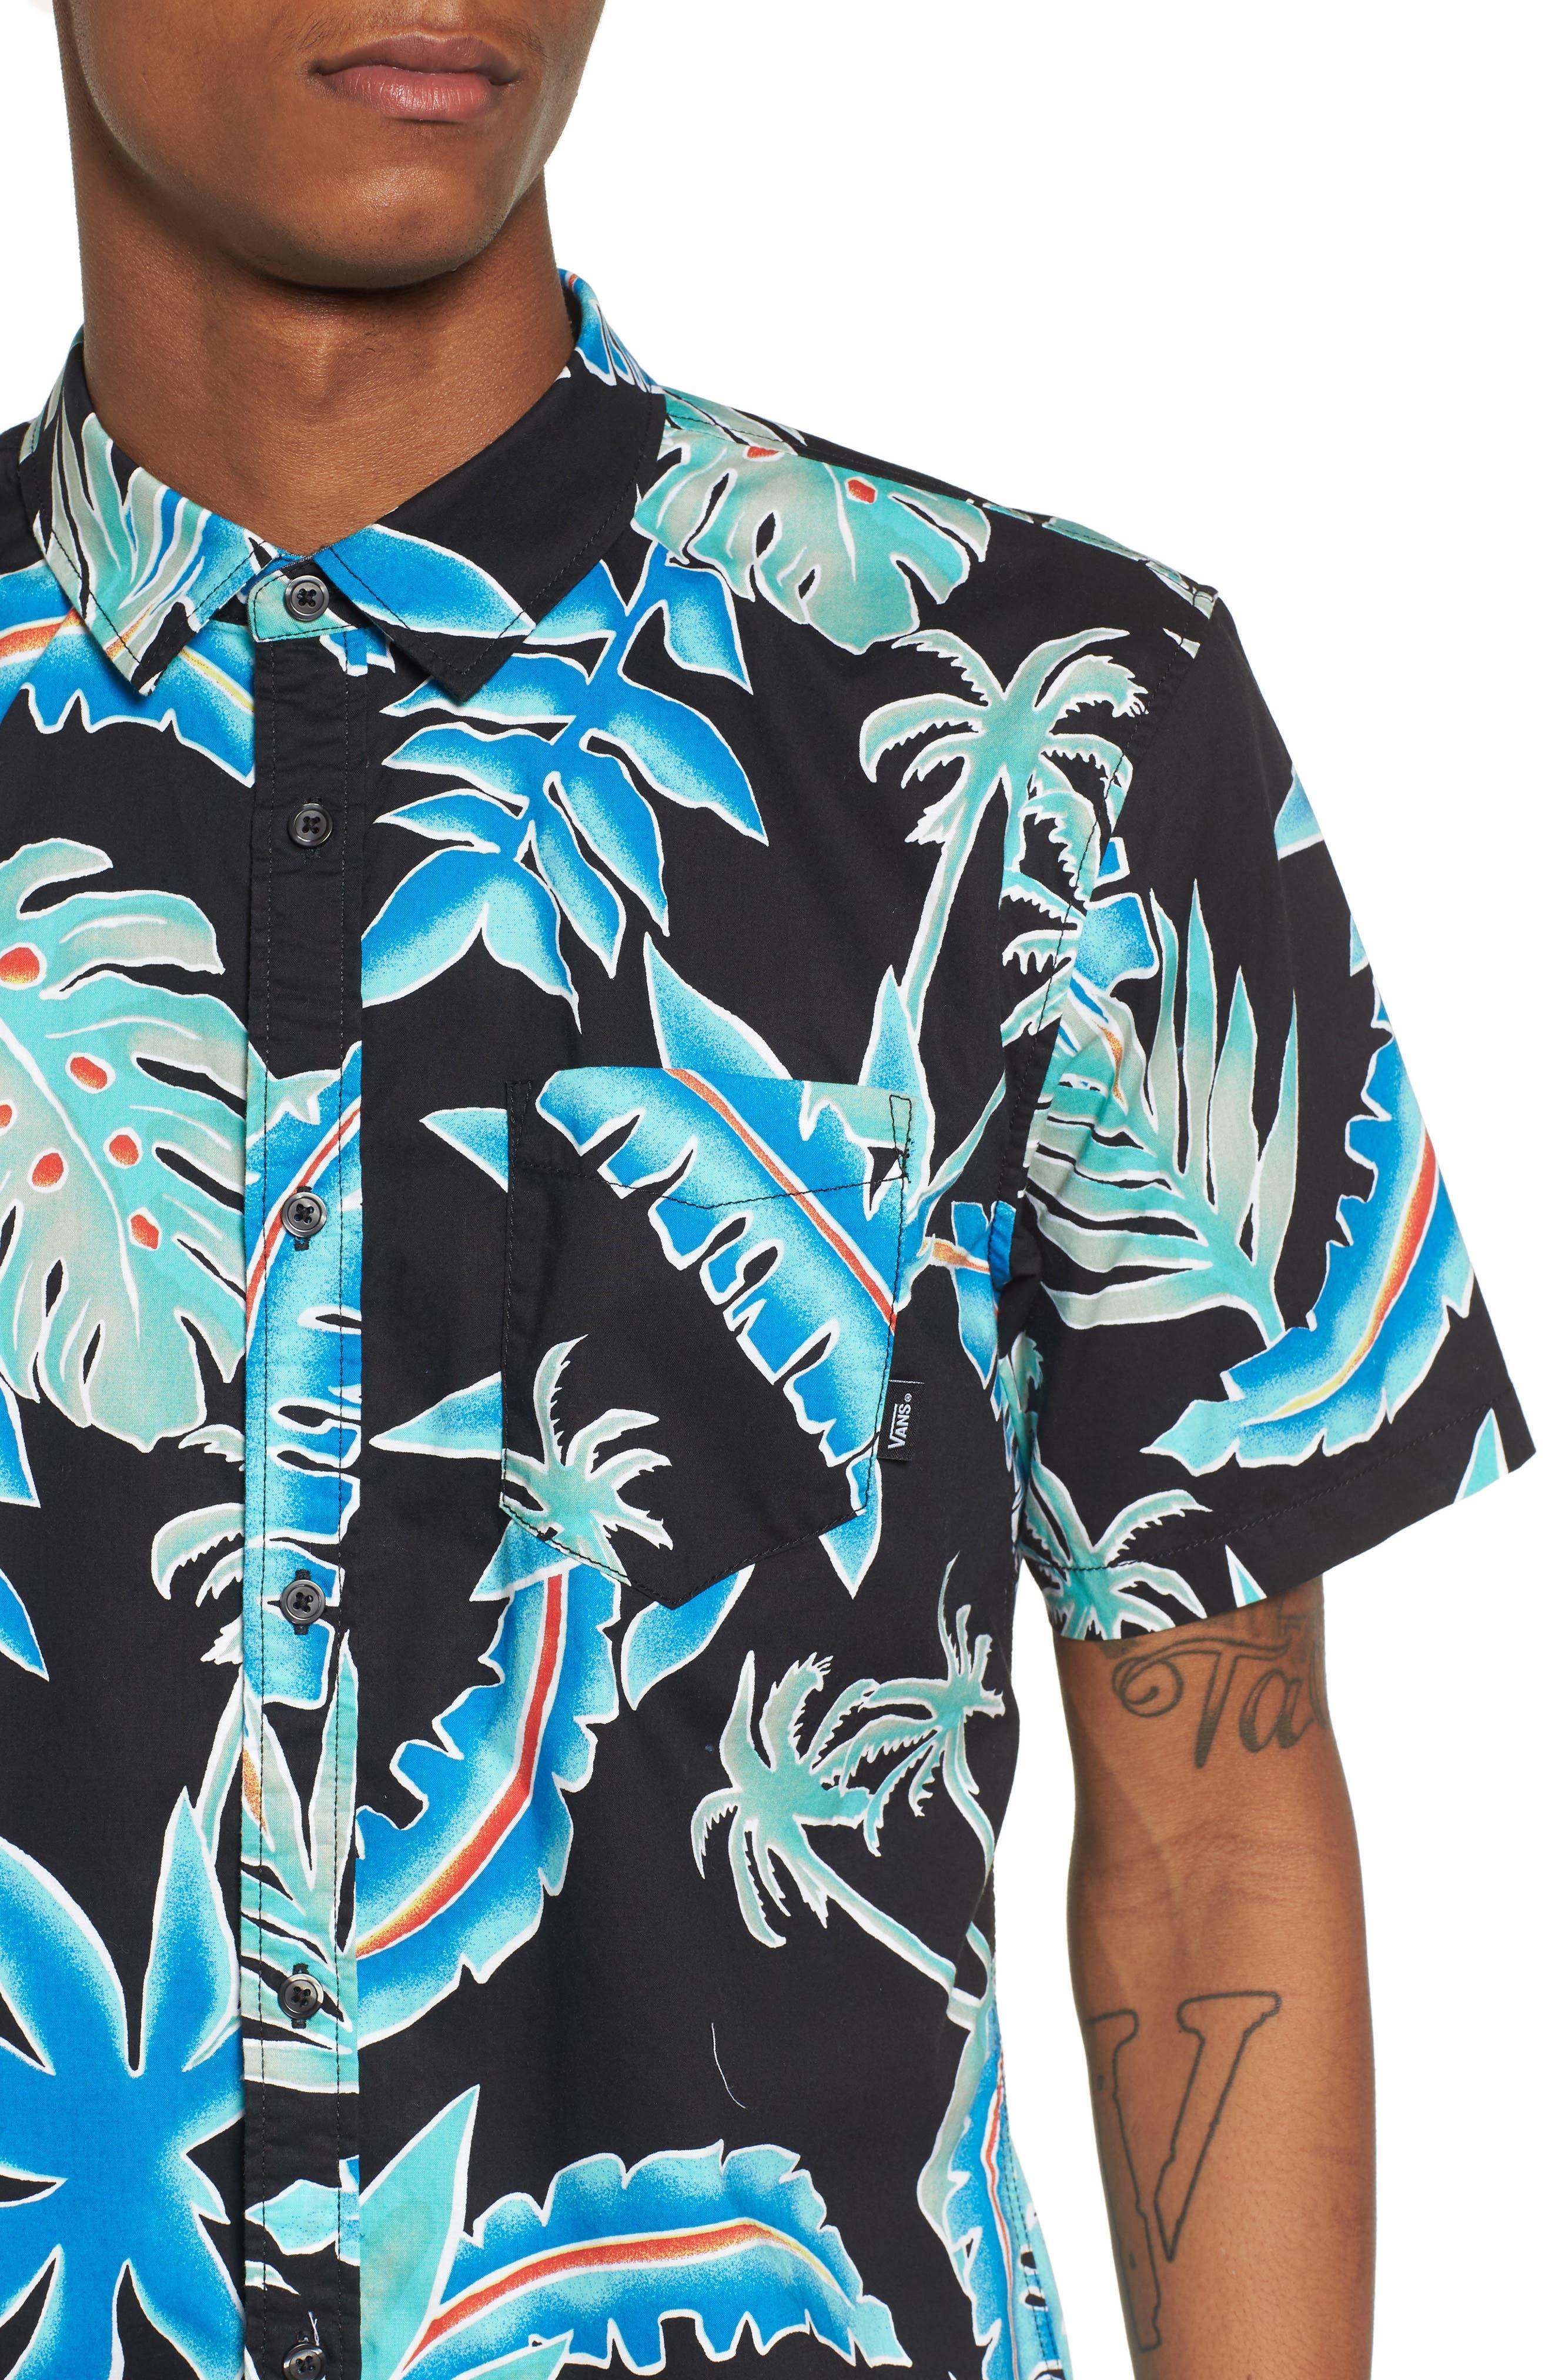 Pit Stop Woven Shirt,                             Alternate thumbnail 2, color,                             Black Pit Stop Floral